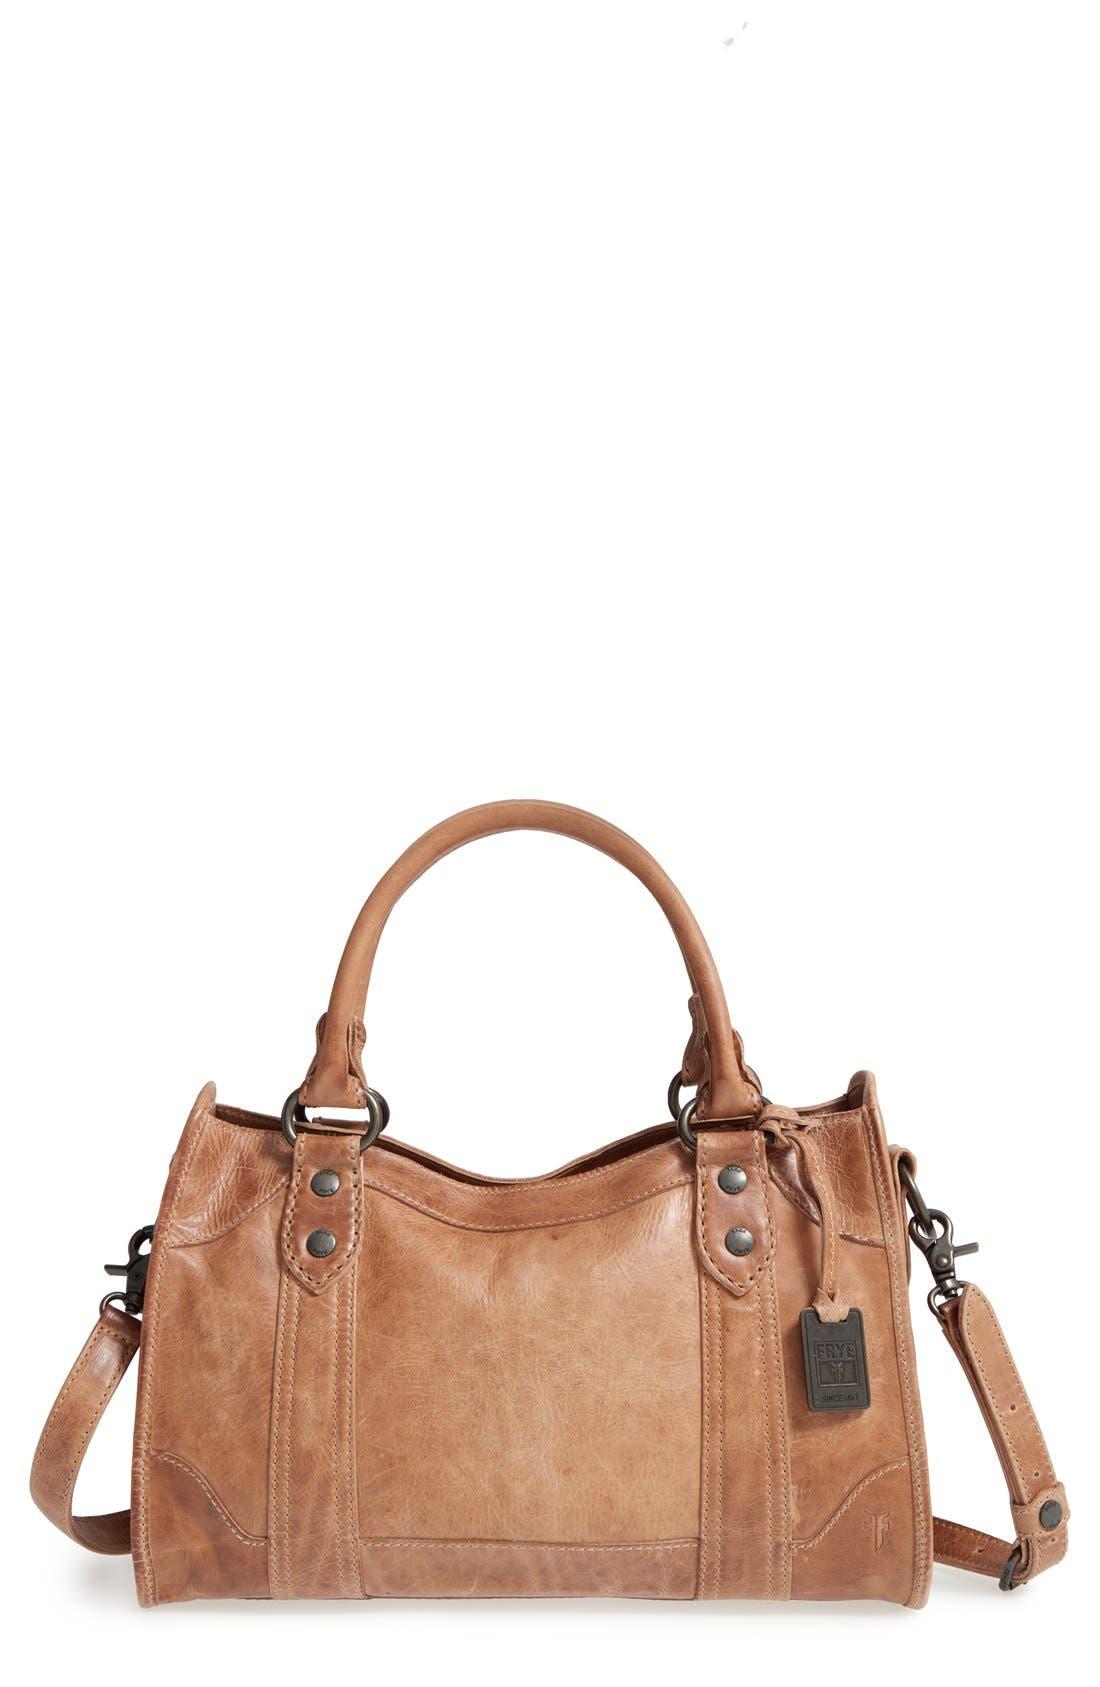 Main Image - Frye 'Melissa' Washed Leather Satchel